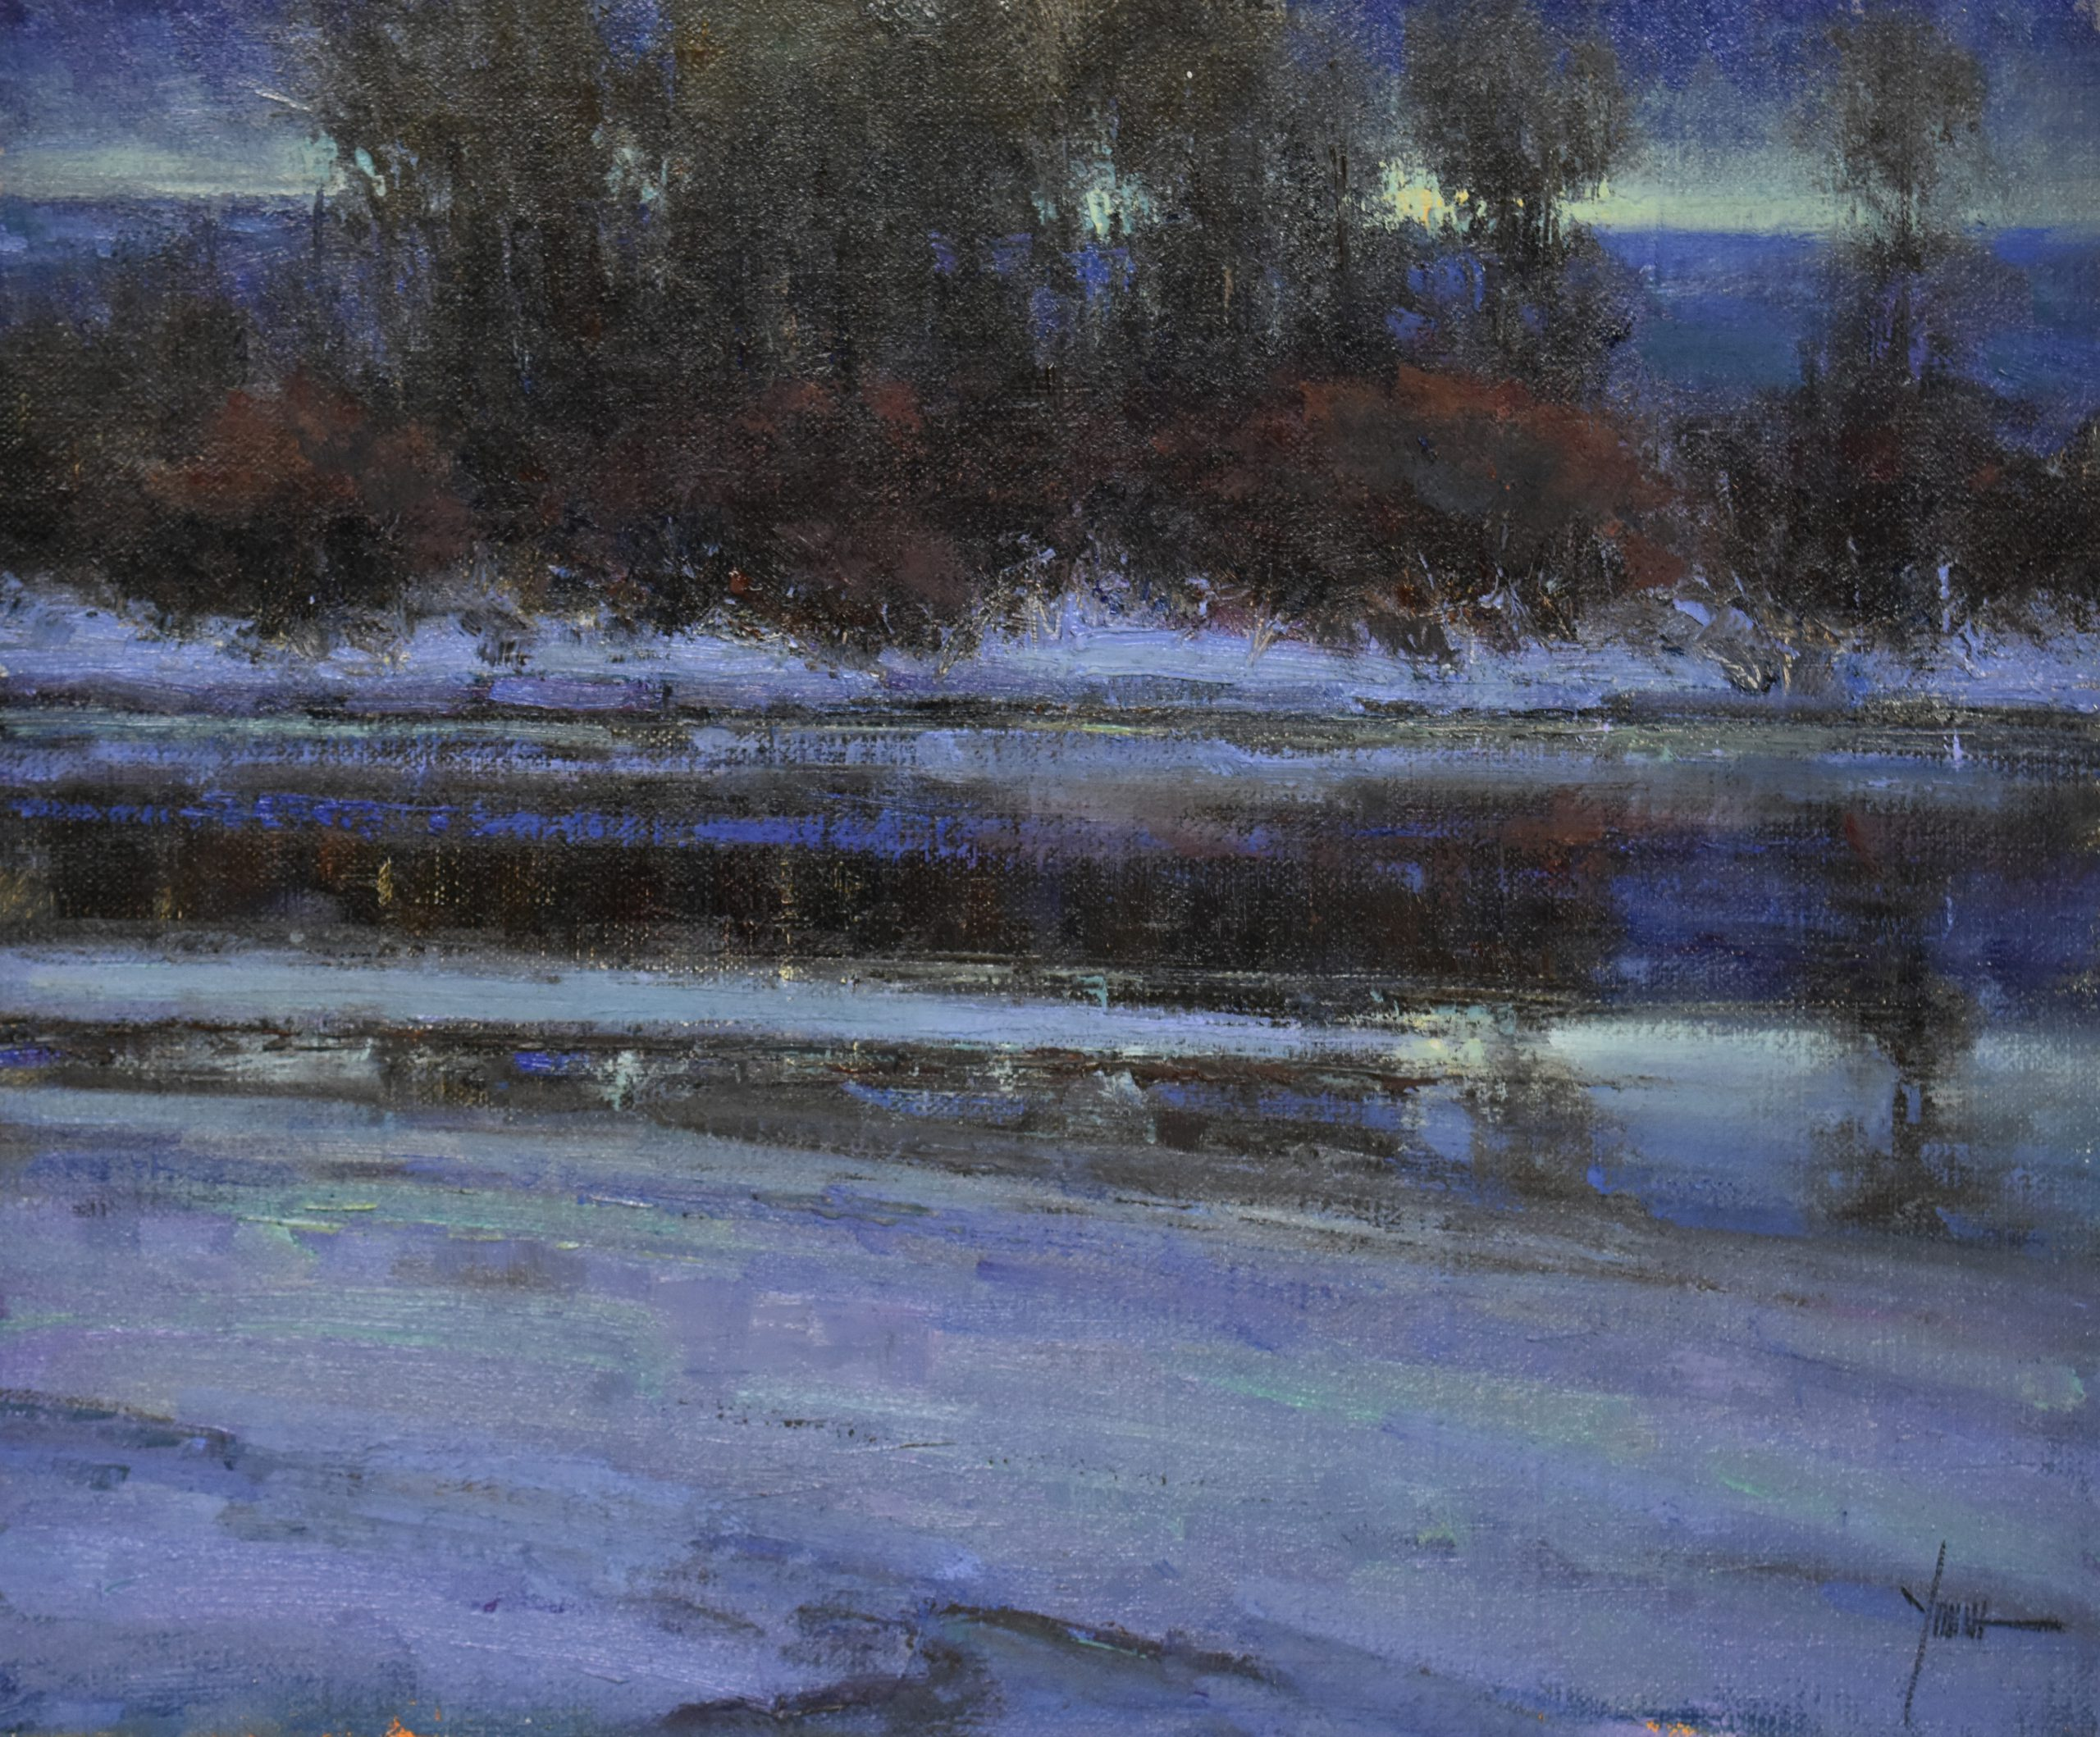 Dan Young - Night Ice